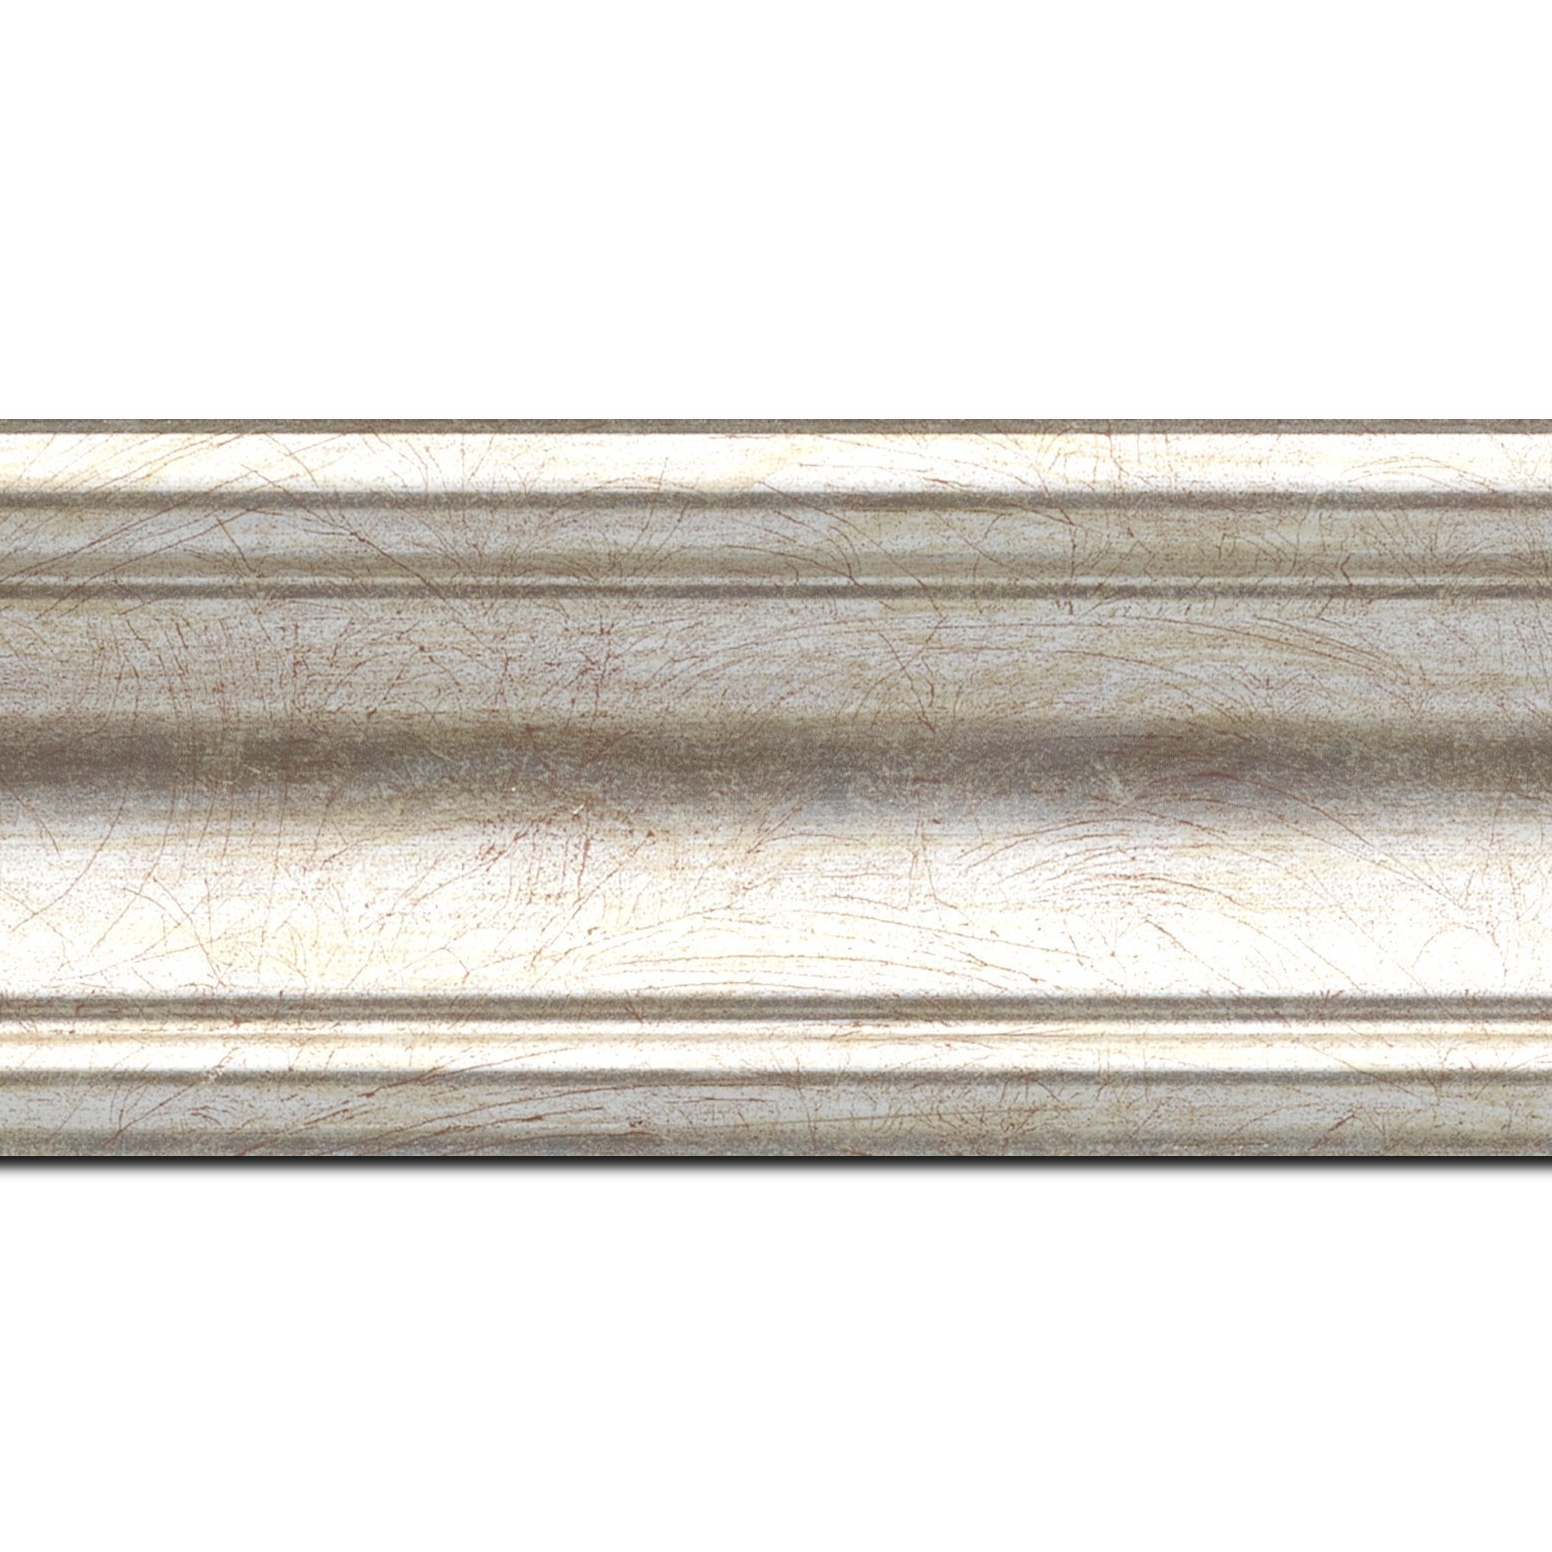 Baguette longueur 1.40m bois profil incurvé largeur 7cm argent chaud